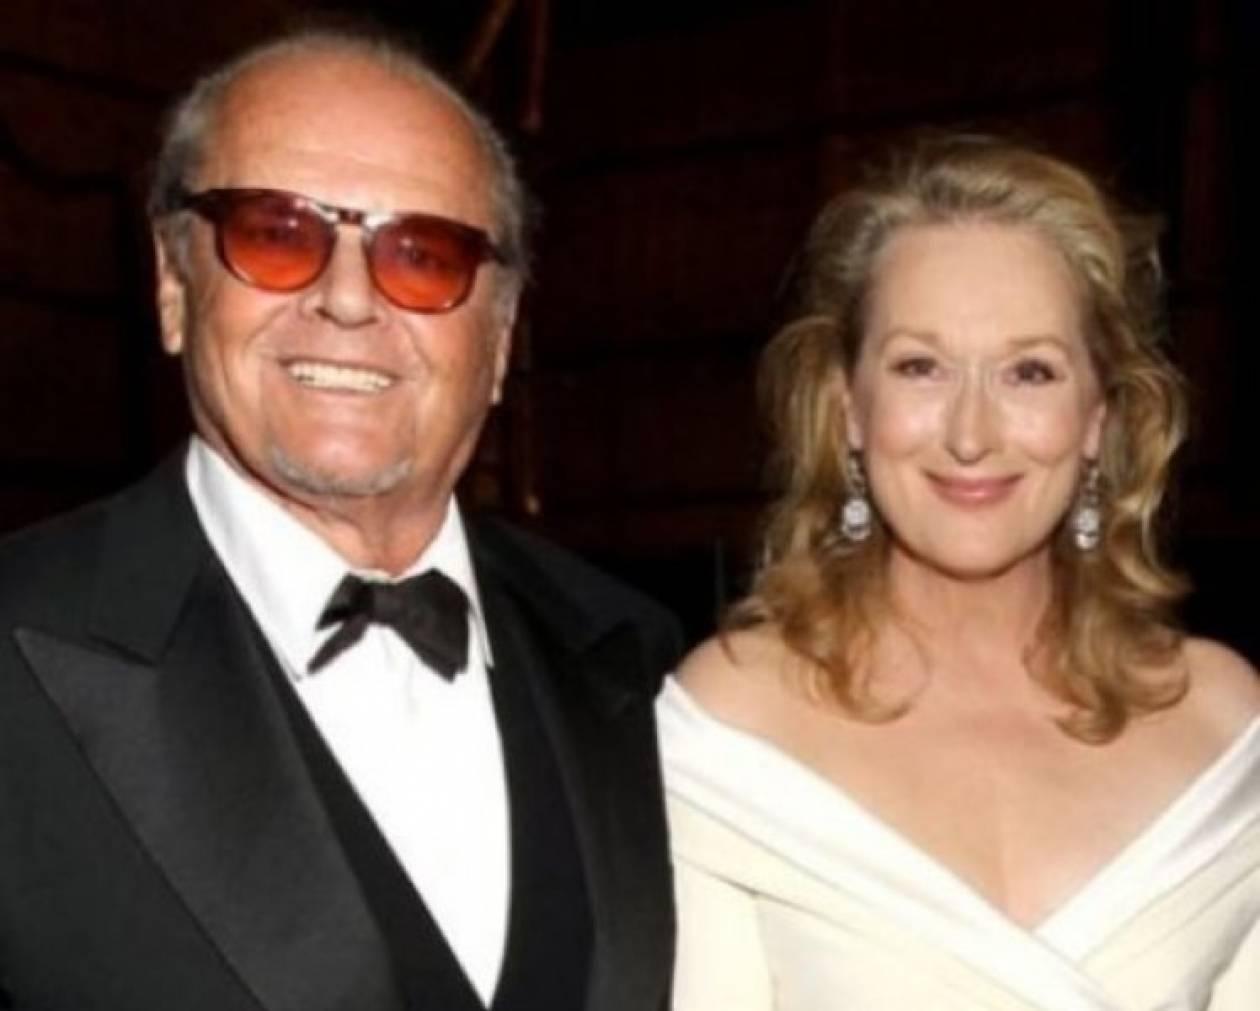 Σκάνδαλο:Ούτε η παντρεμένη Meryl Streep δεν αντιστάθηκε στον Nicholson